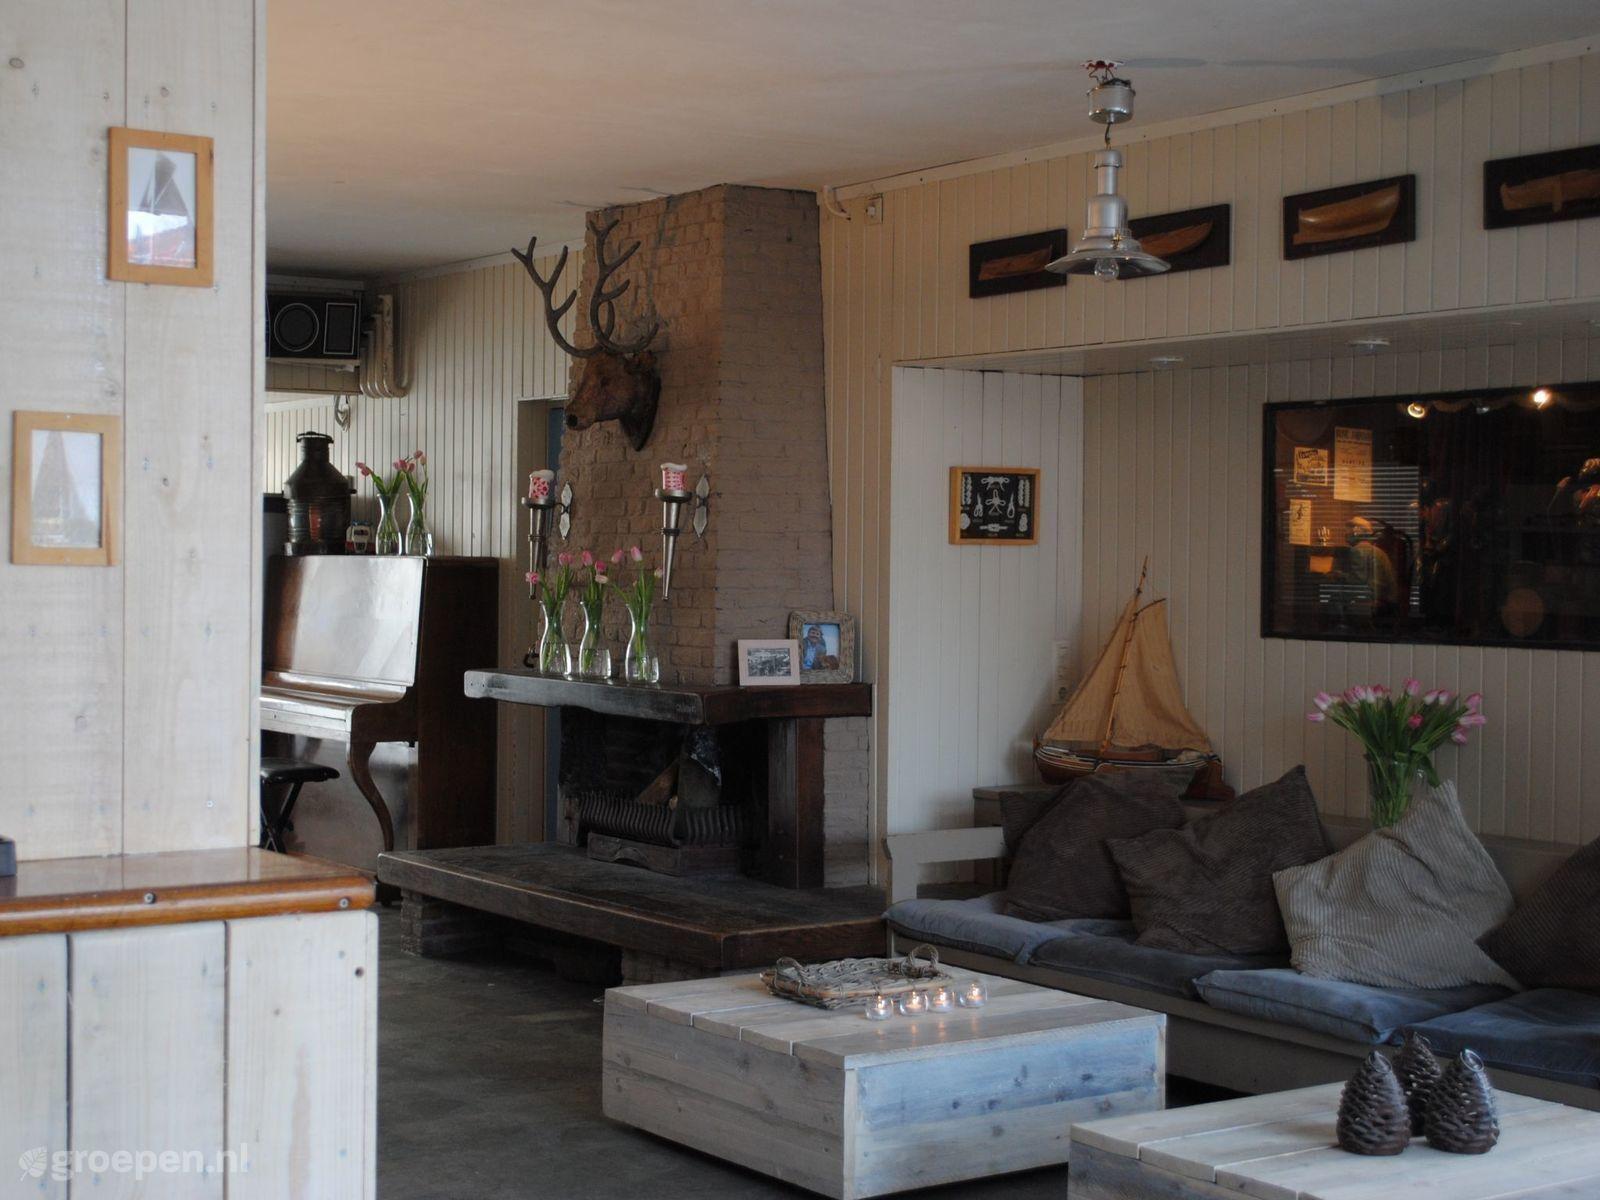 Group accommodation Kaag